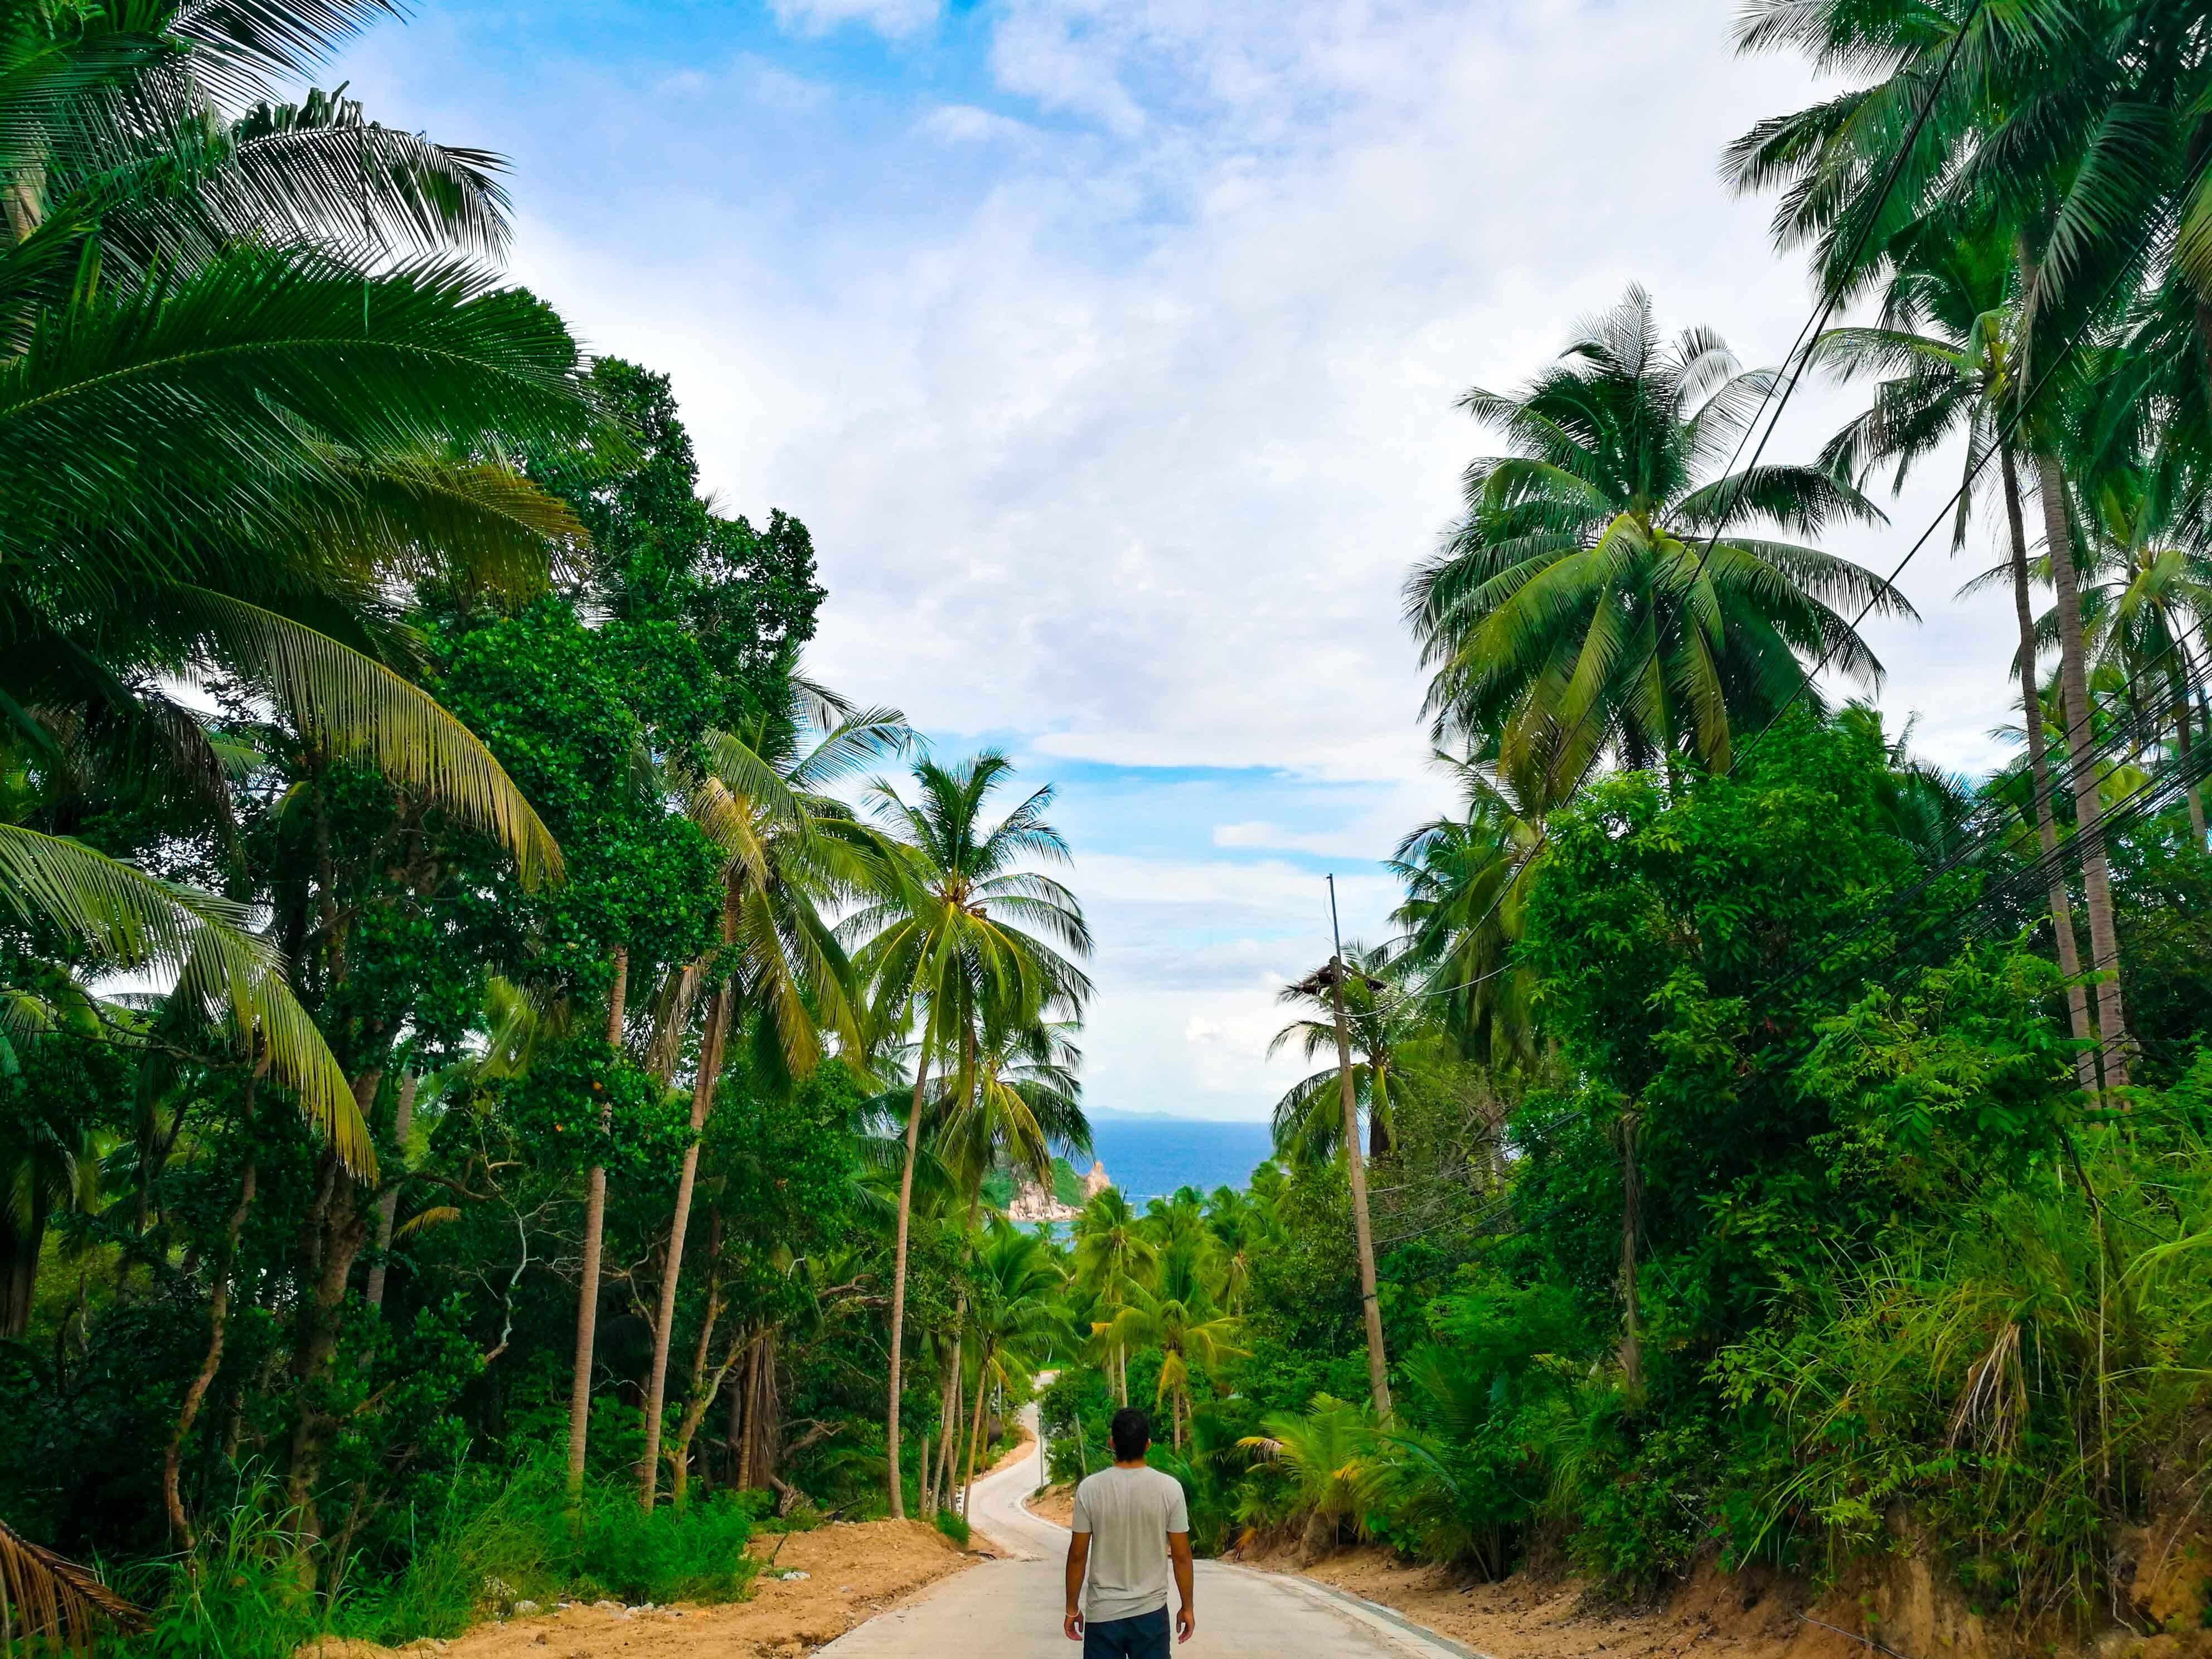 A caminho de Sai Daeng Beach. Uma das paisagens que mais gostávamos em Koh Tao